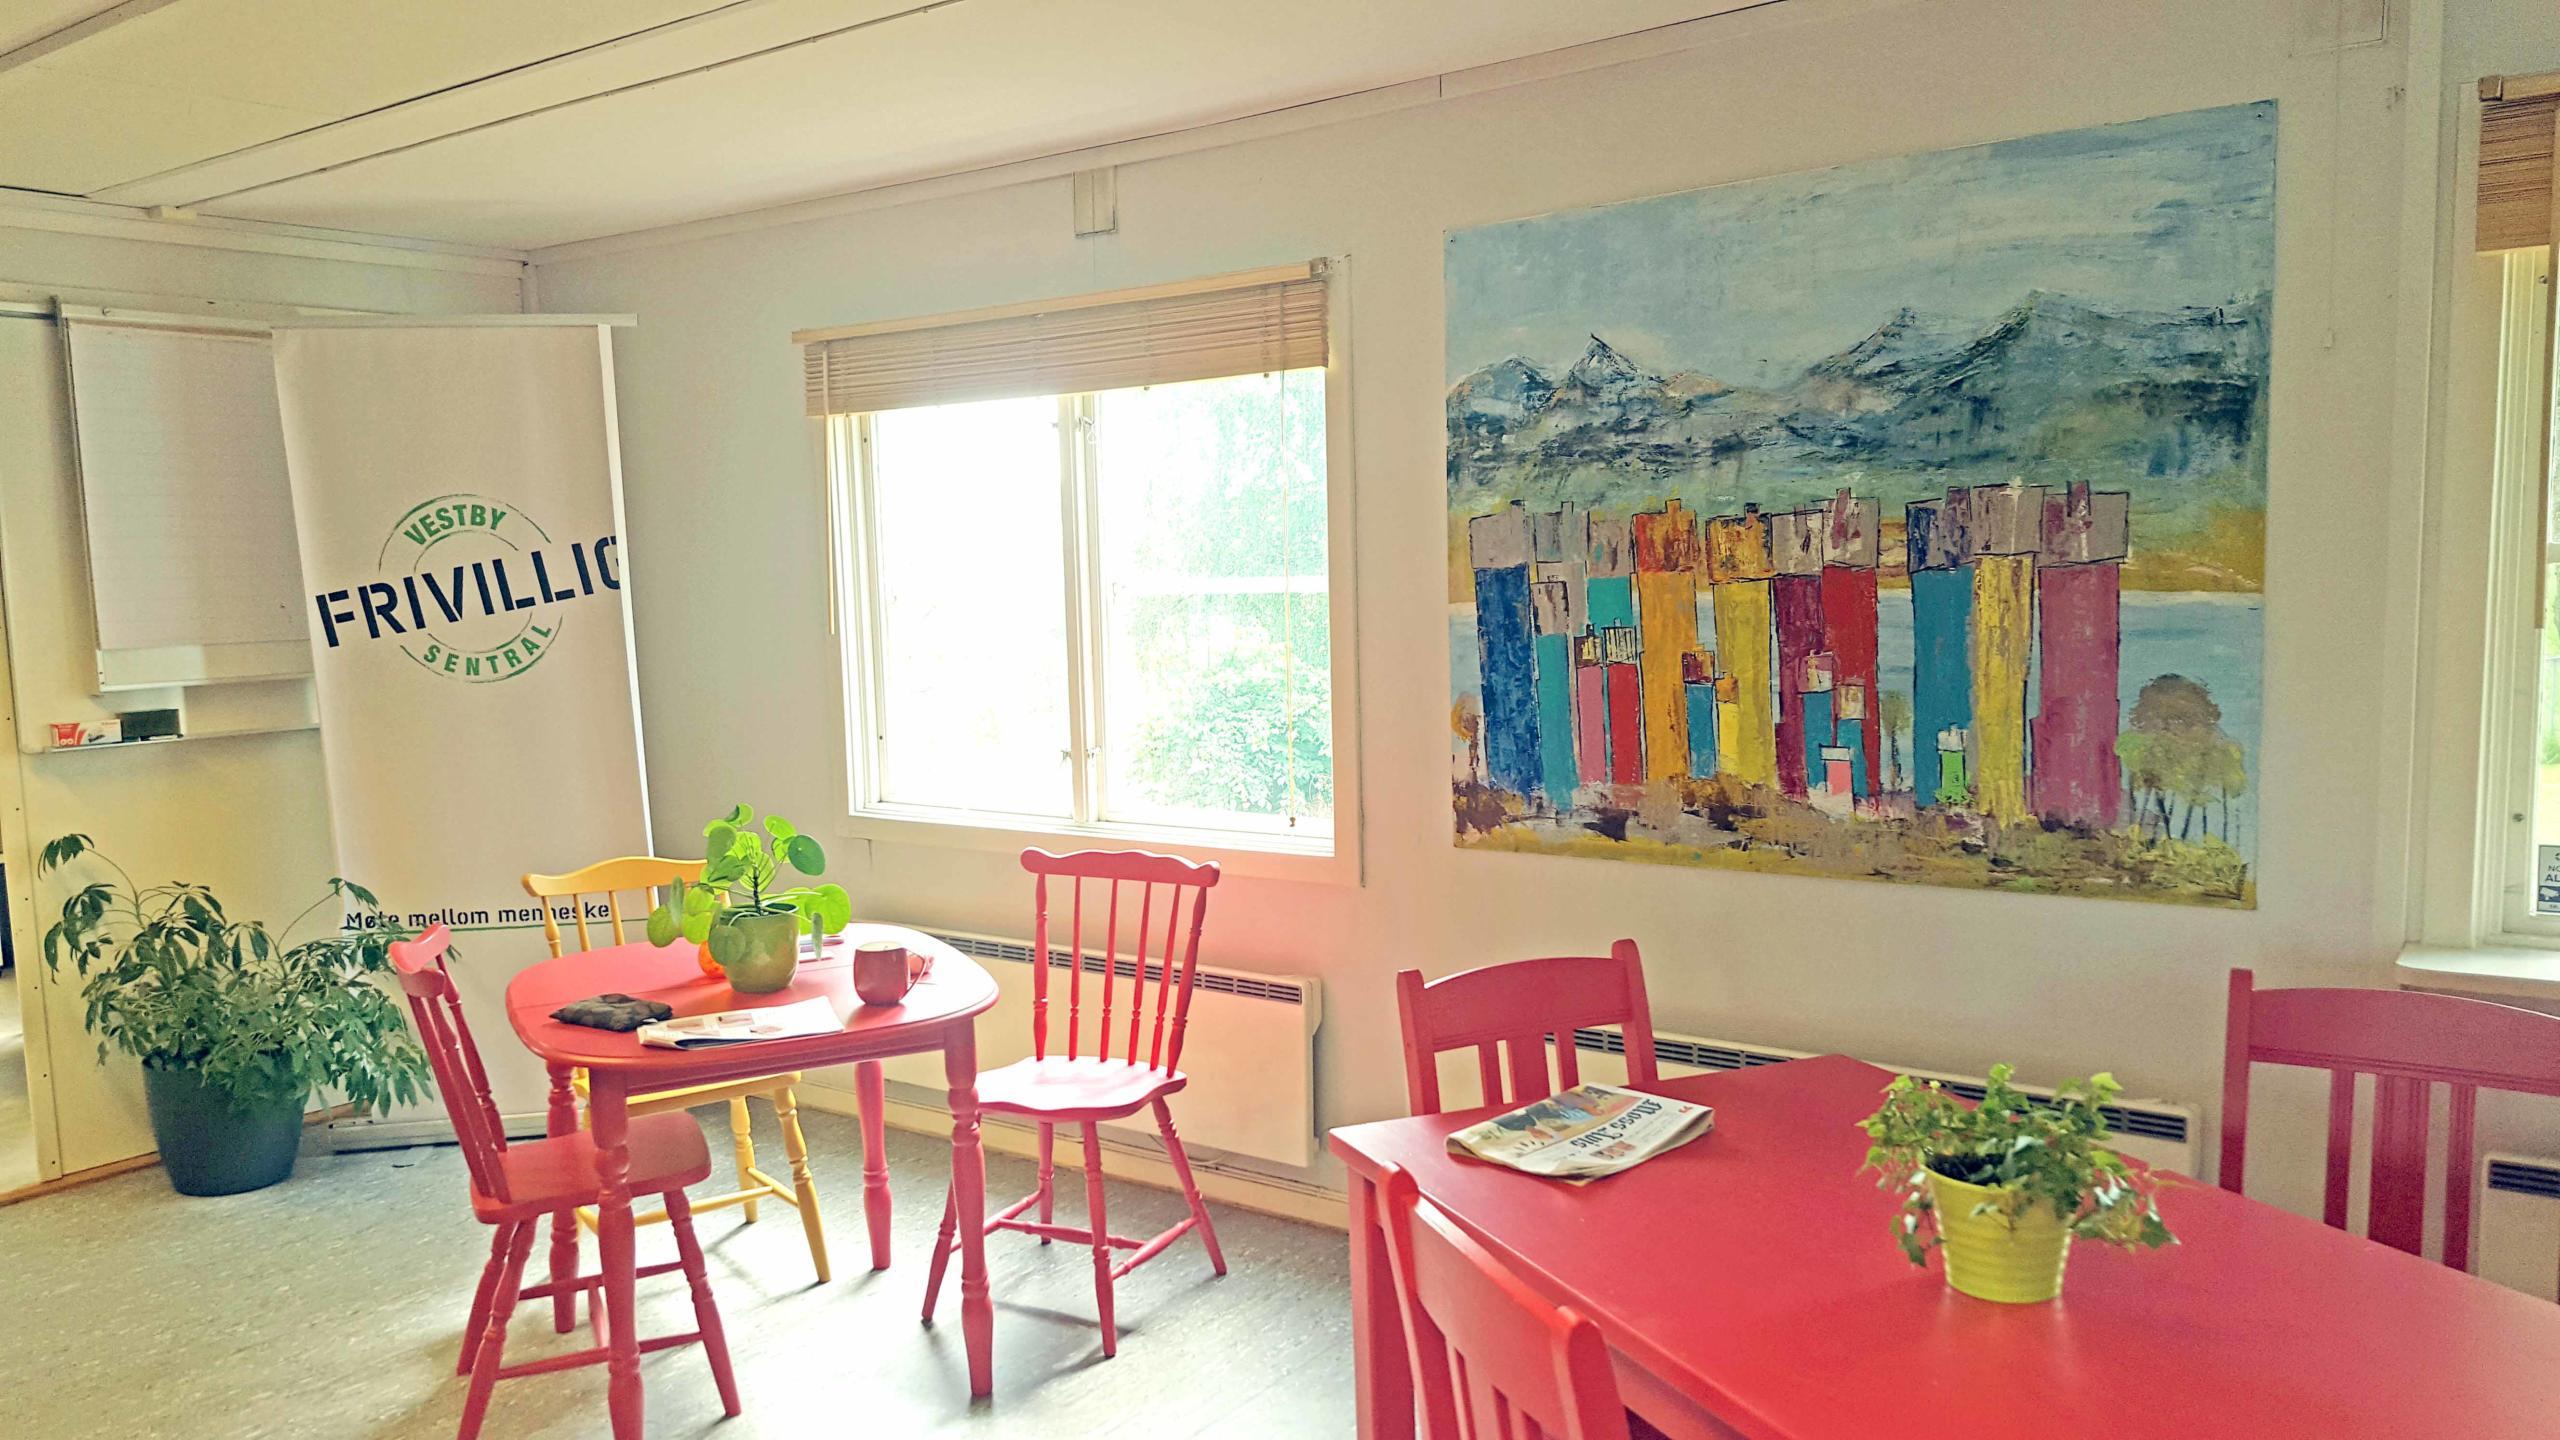 Frivilligsentralen bord stoler malerier med mange fine farger